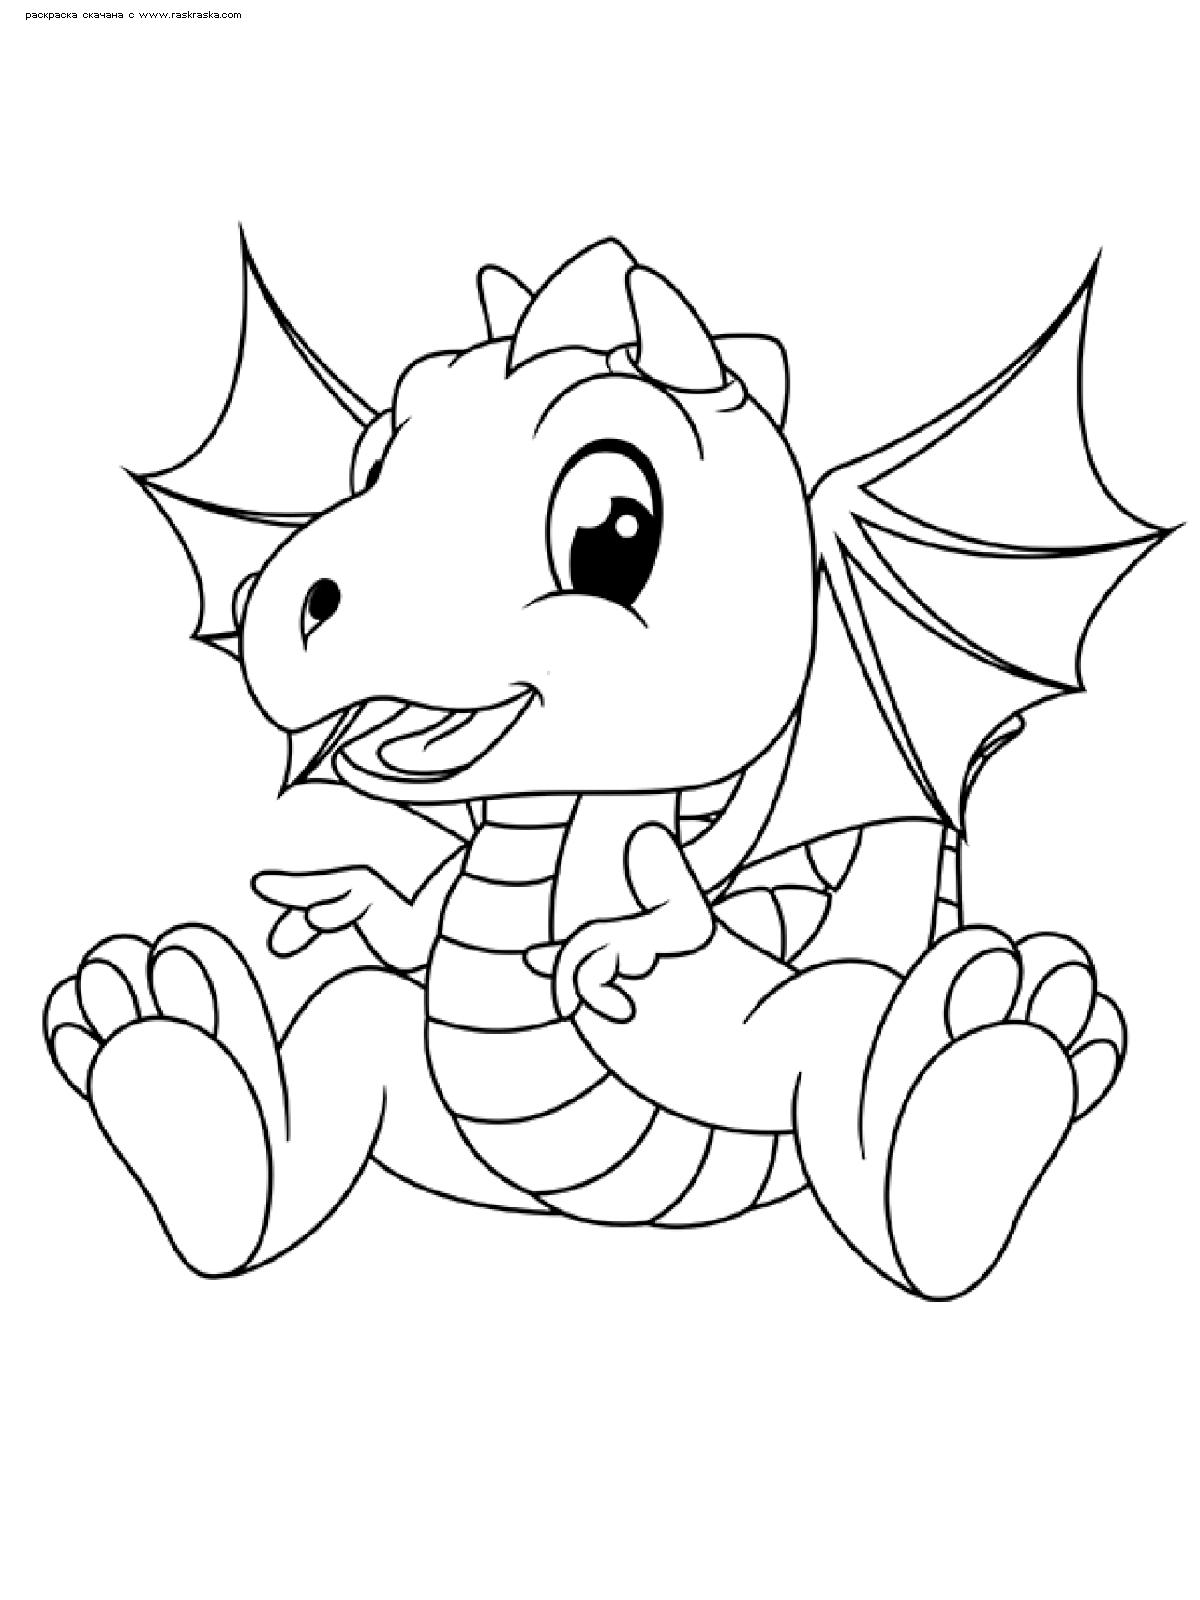 Раскраска Дракончик | Раскраски с дракончиками для детей